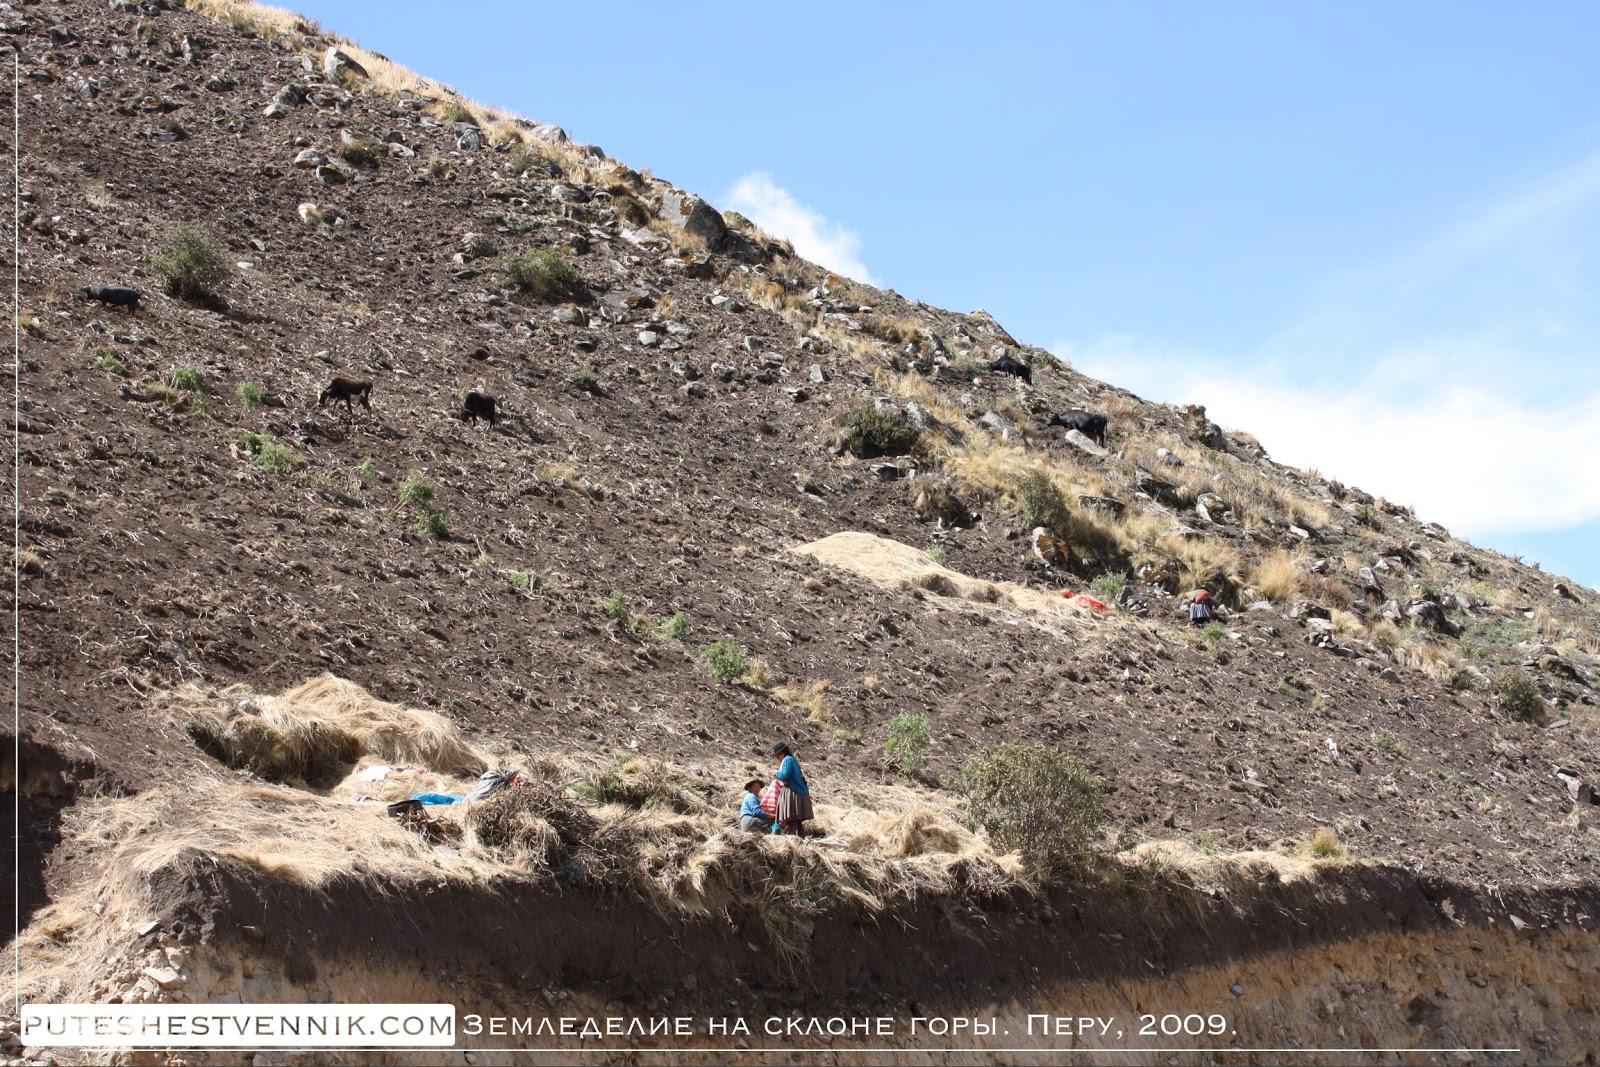 Земледелие на склоне горы и перуанские женщины